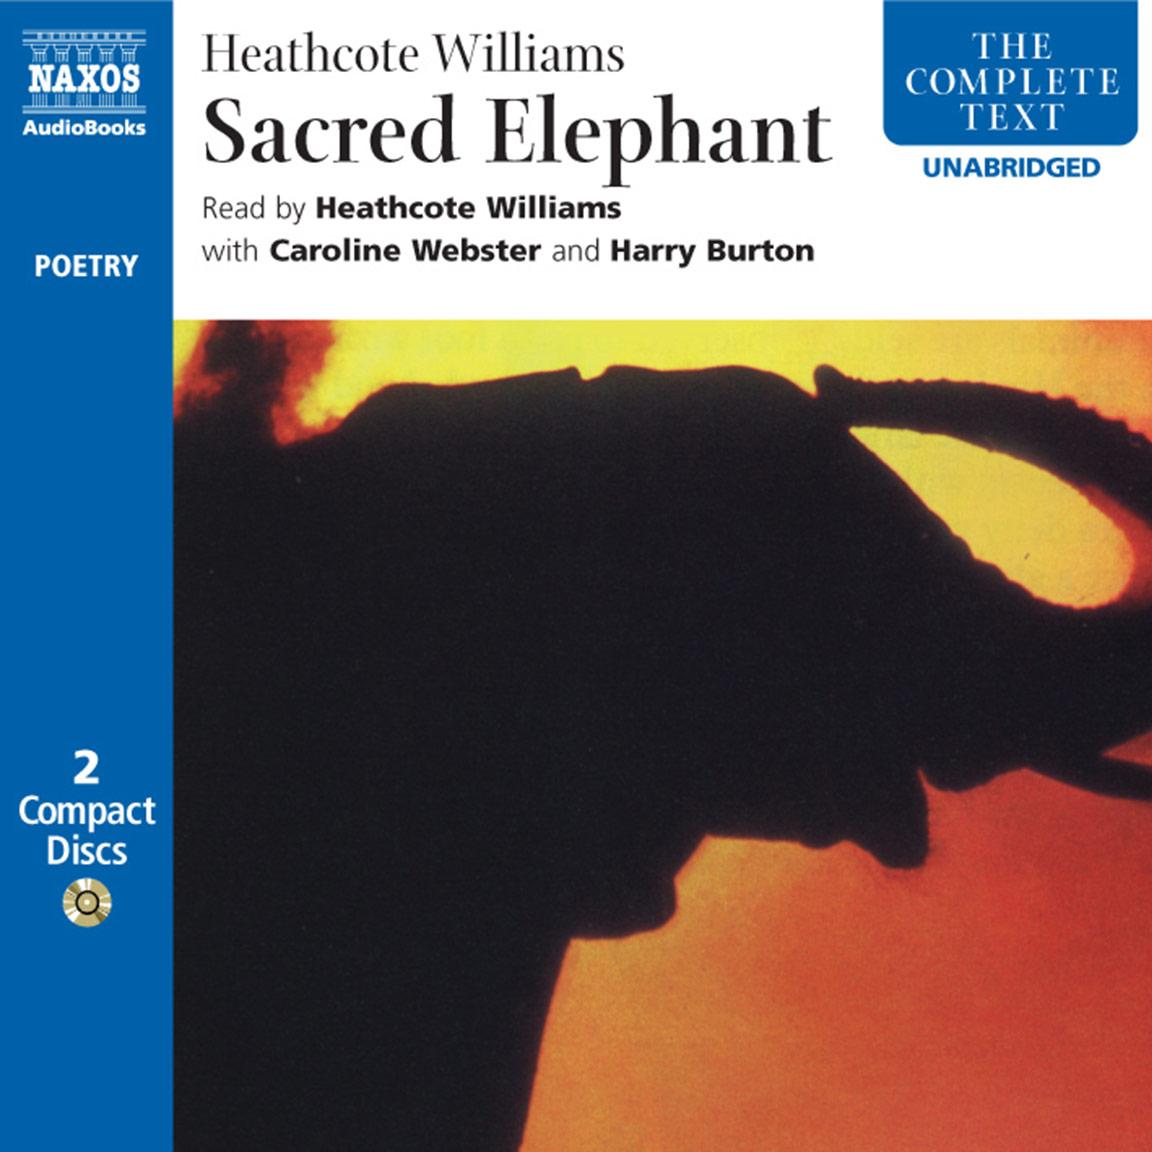 Sacred Elephant (unabridged)